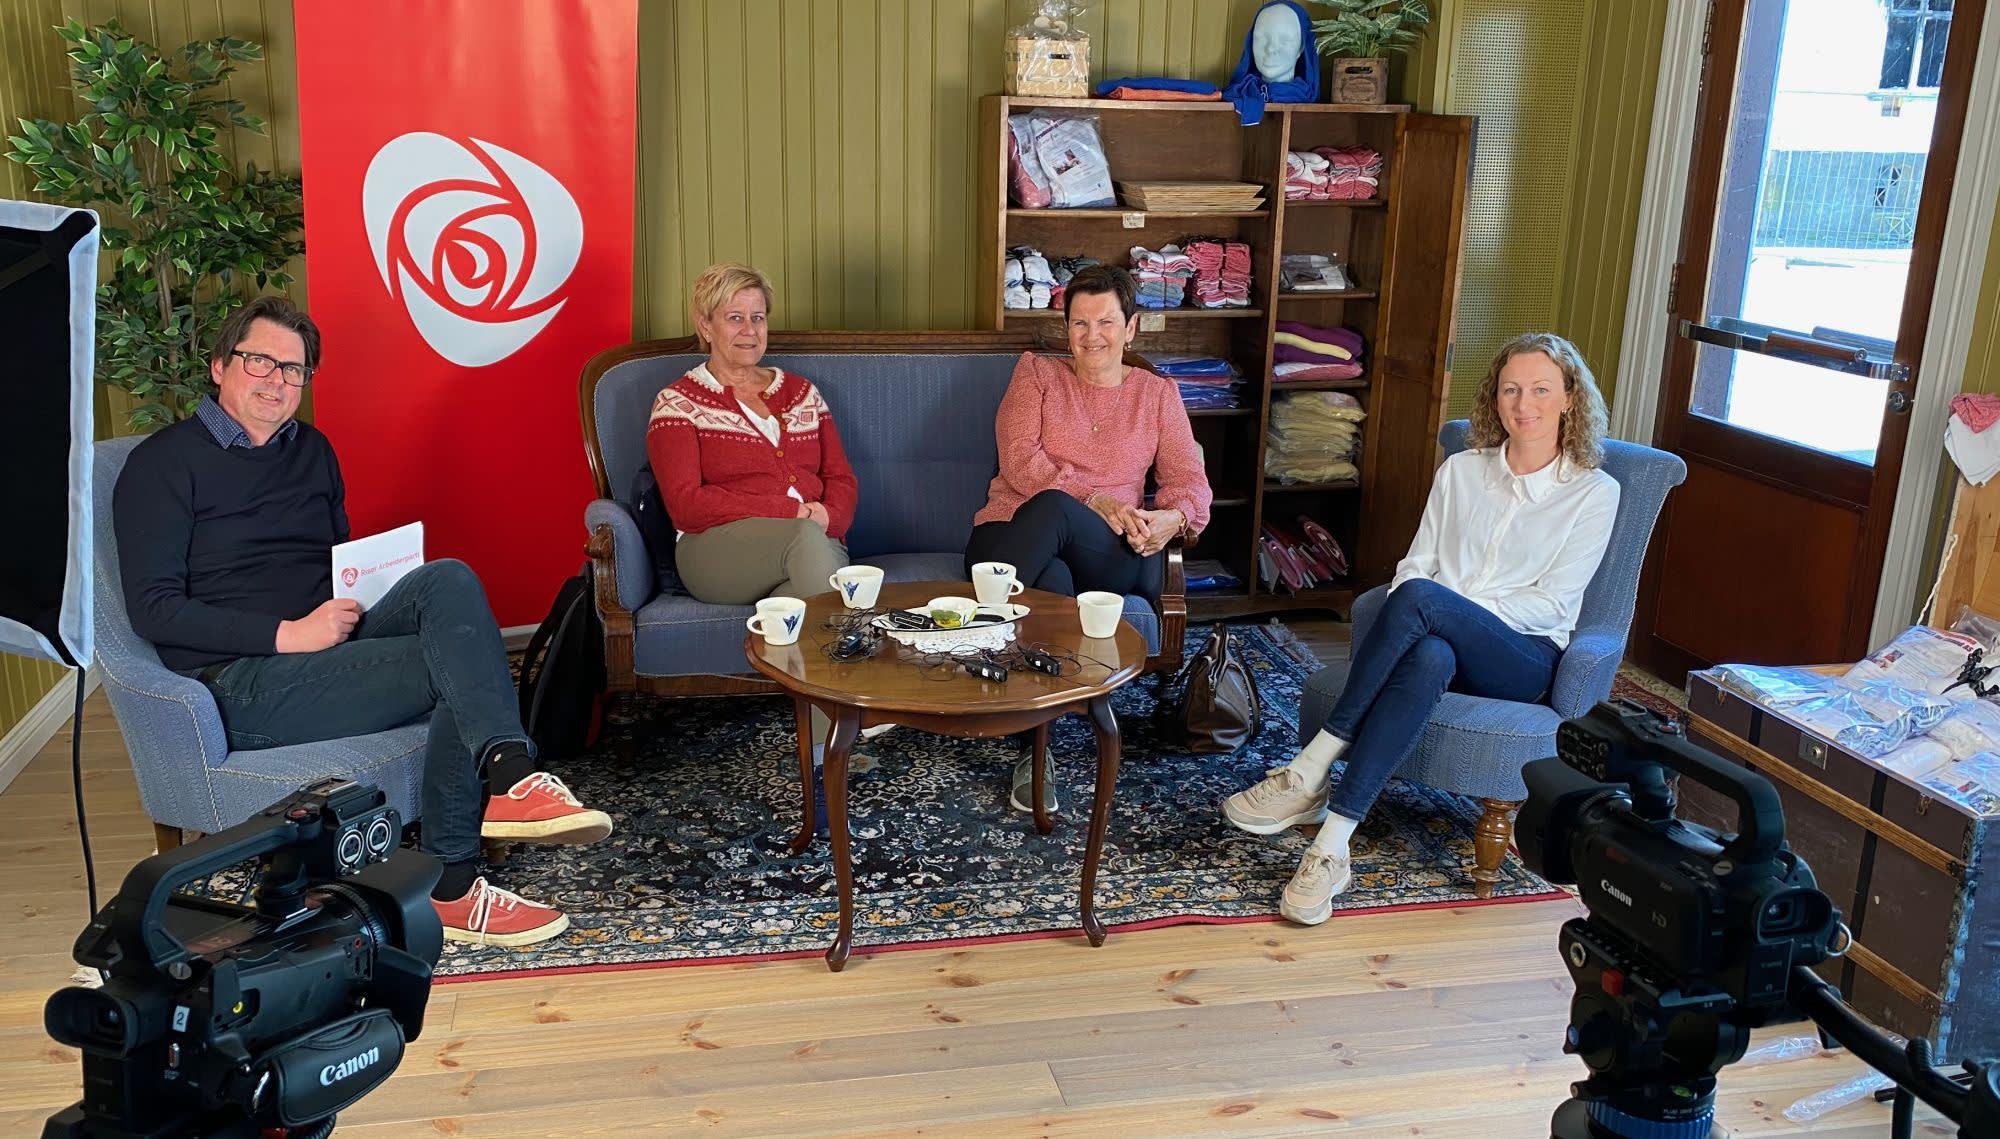 Fra venstre: Paal Eckhoff Salvesen, Bente Trulsvik, Agnes Nordgaard og Silje Ibsen.